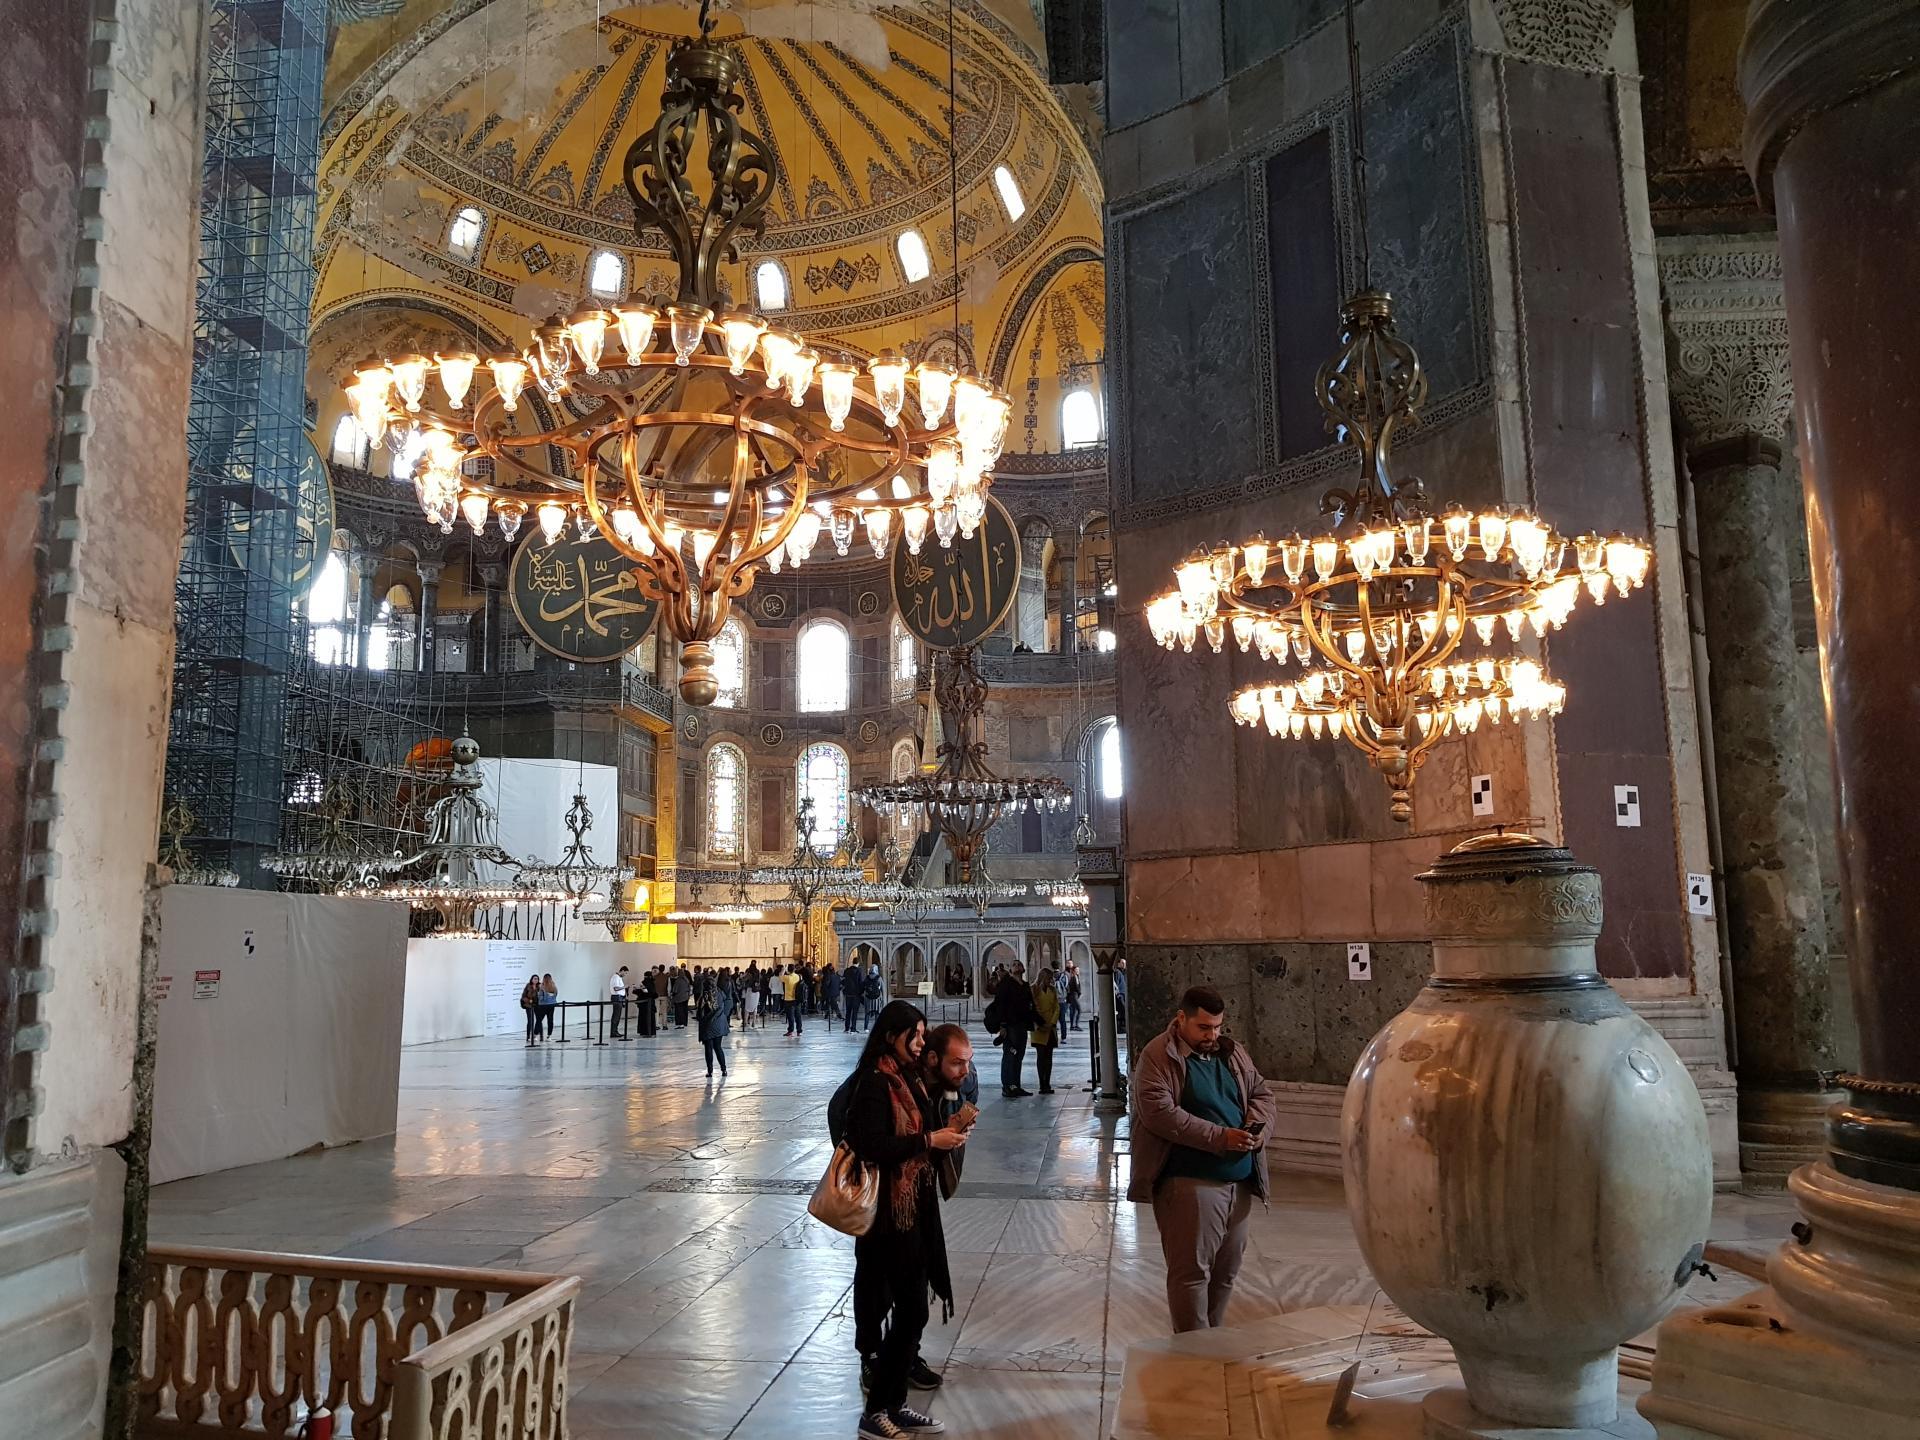 Проход к основному залу в соборе святой Софии